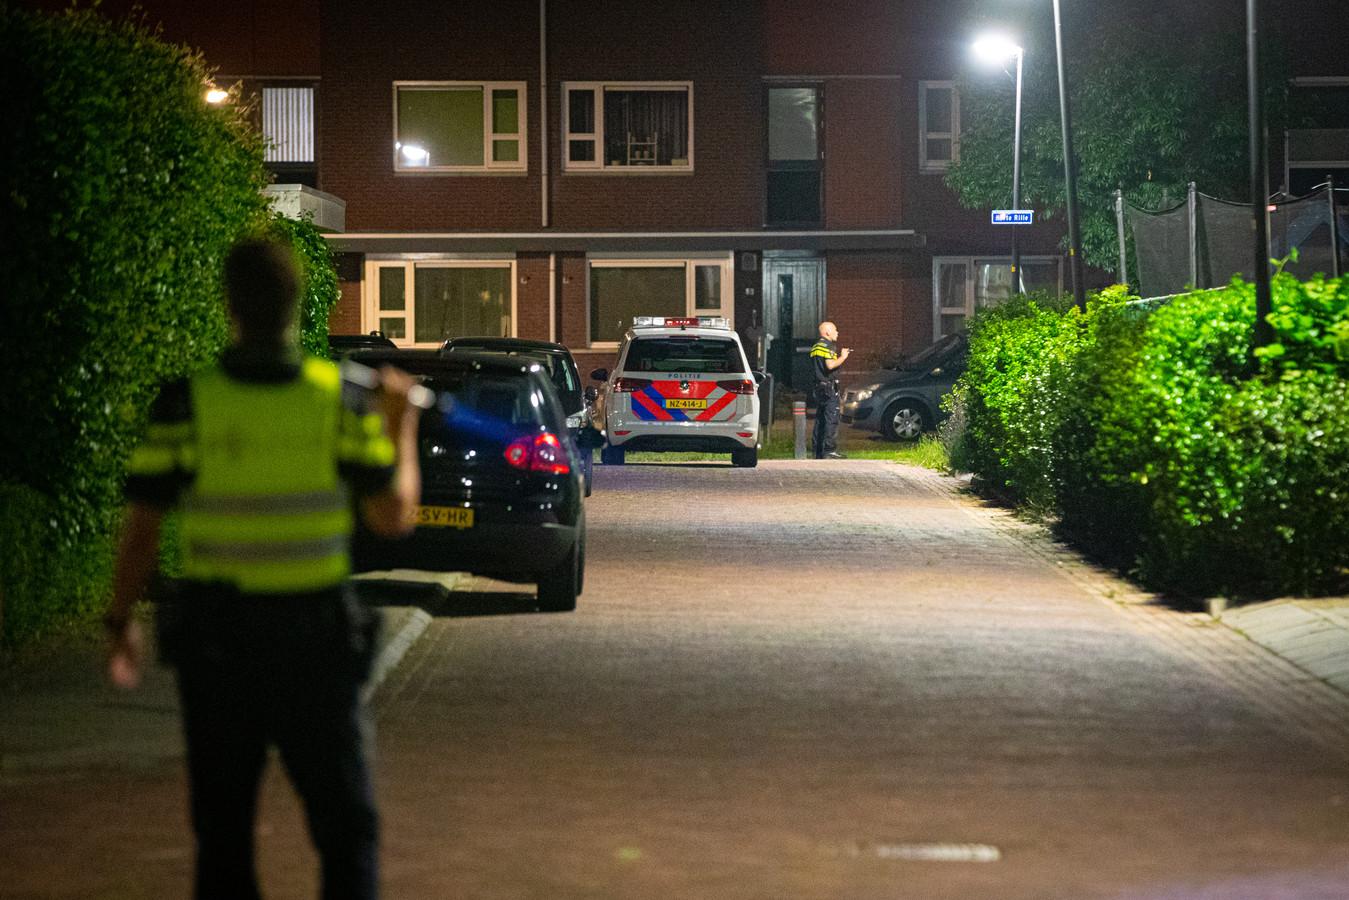 De politie bezig met een uitgebreide zoekactie naar inbrekers in Kampen.